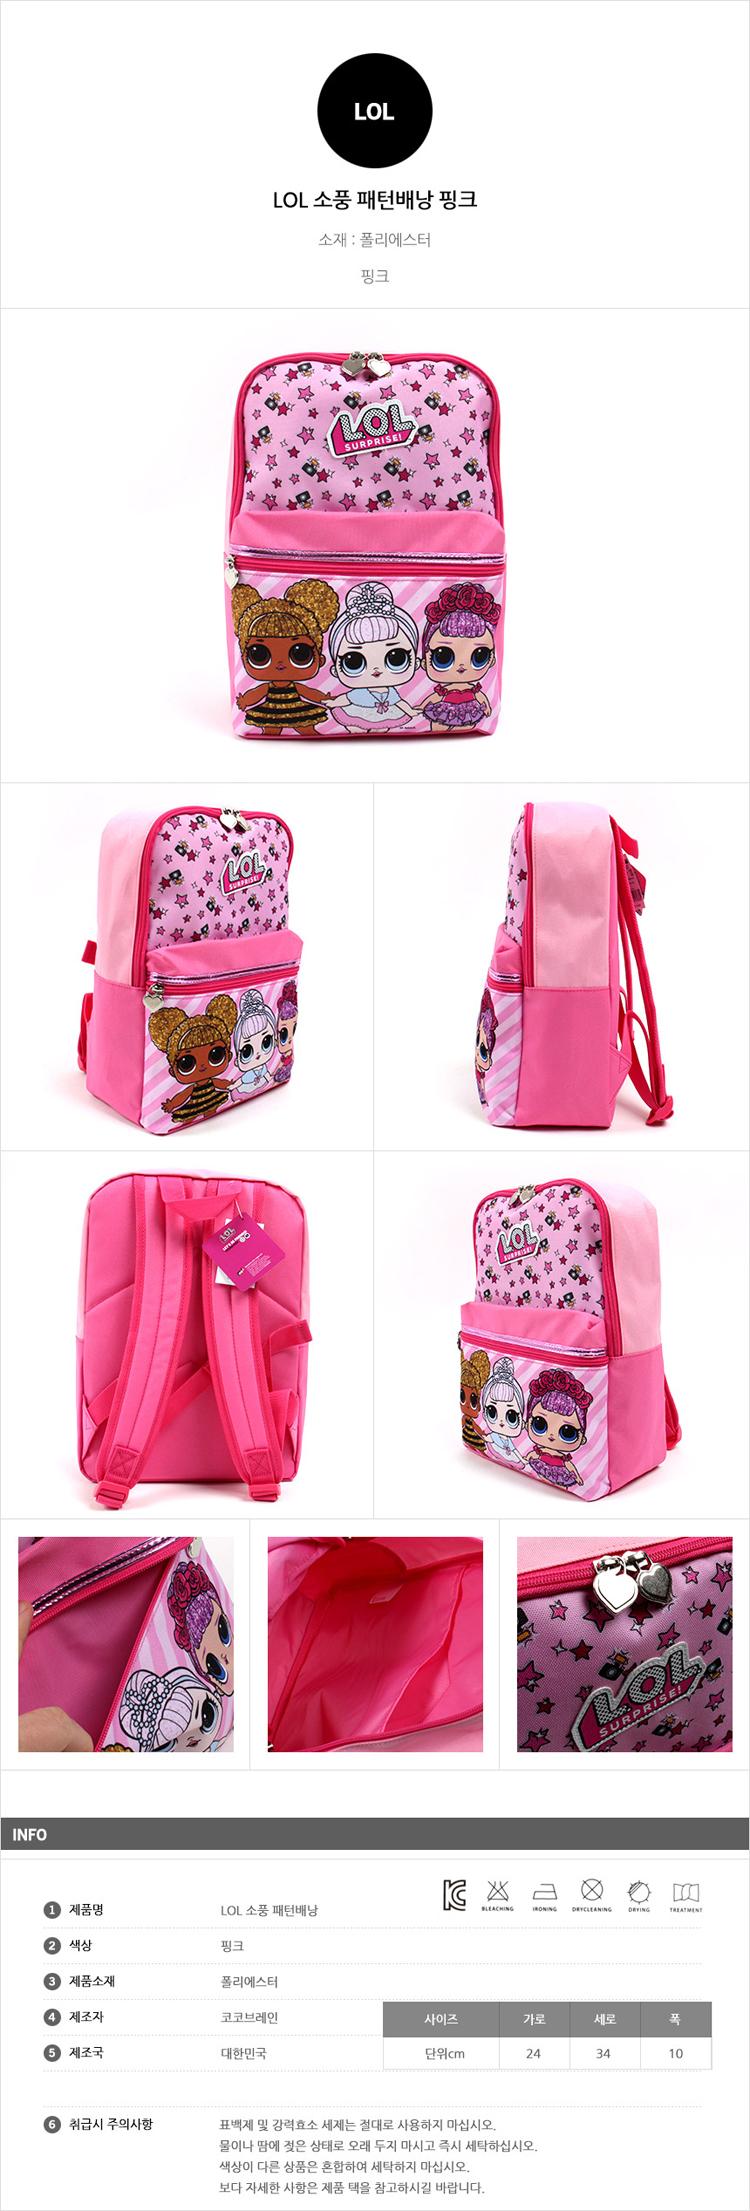 소풍가방,어린이가방,백팩,책가방,소풍배낭,학교가방